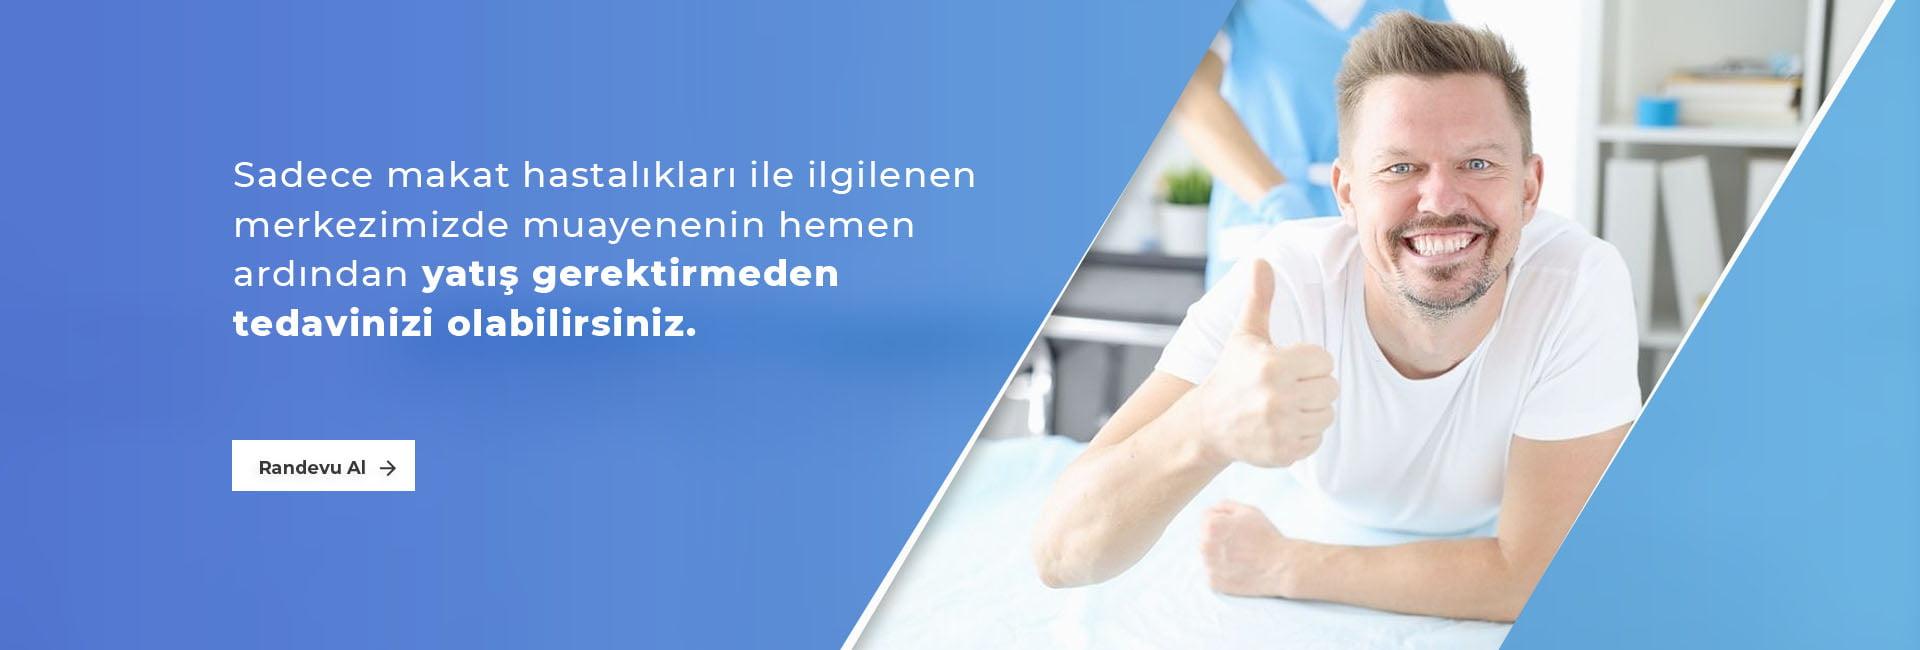 Avrupa Cerrahi Slider